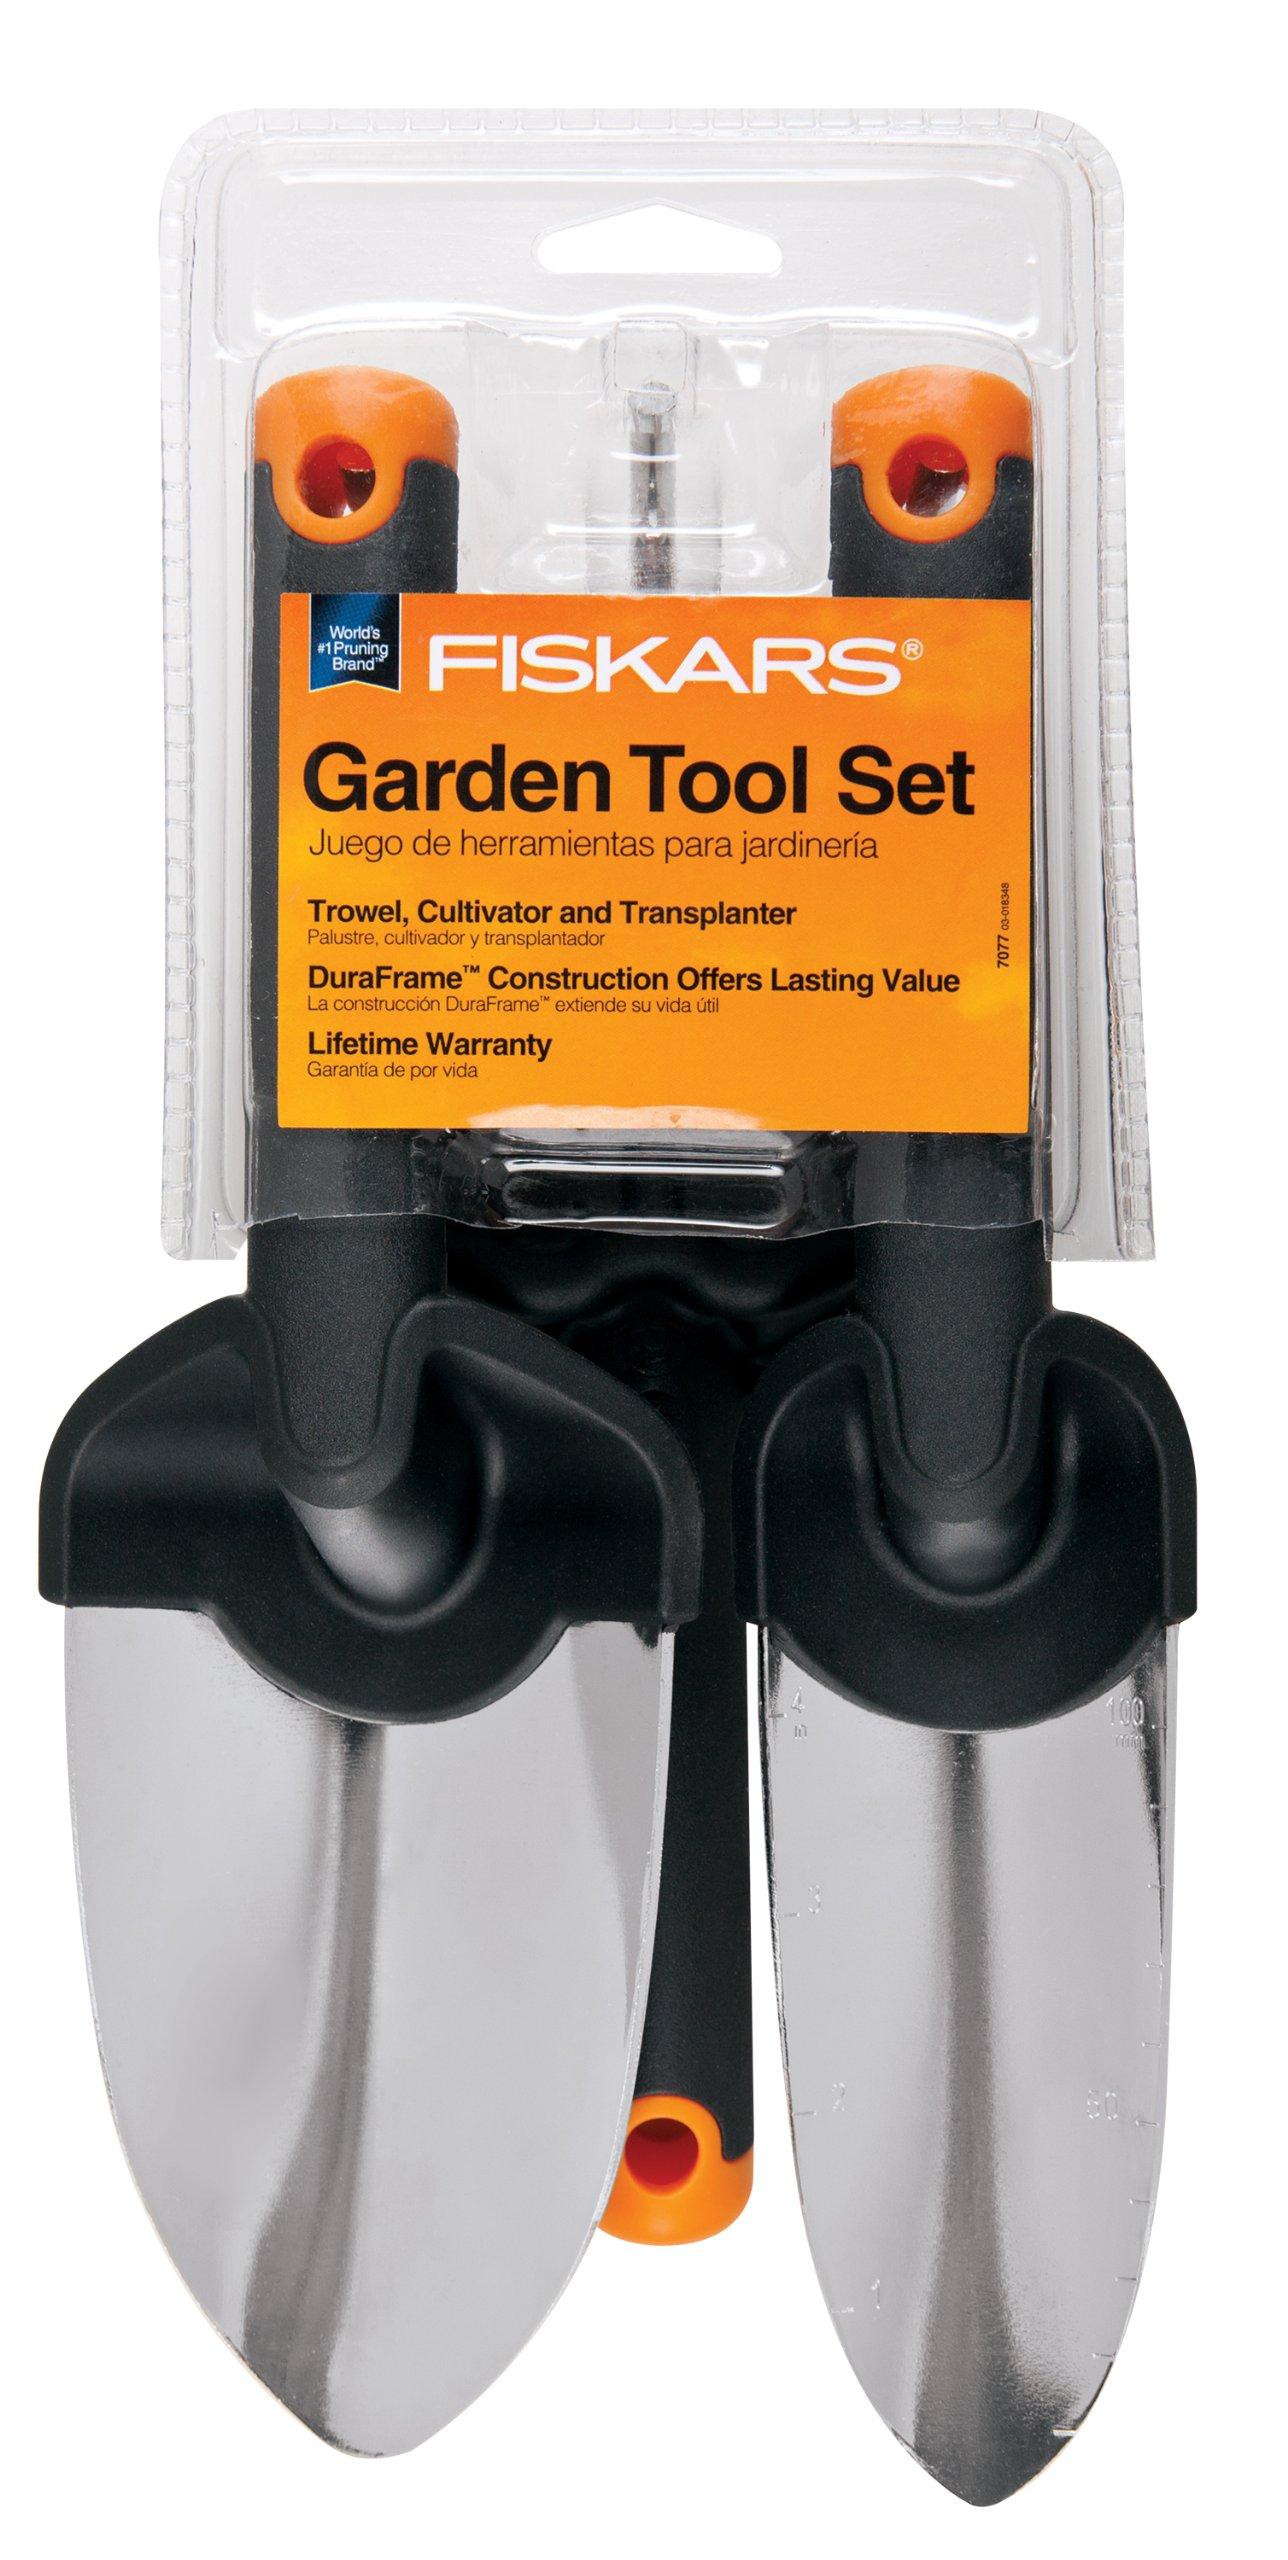 FISKARS Hand Tool Gardening Set